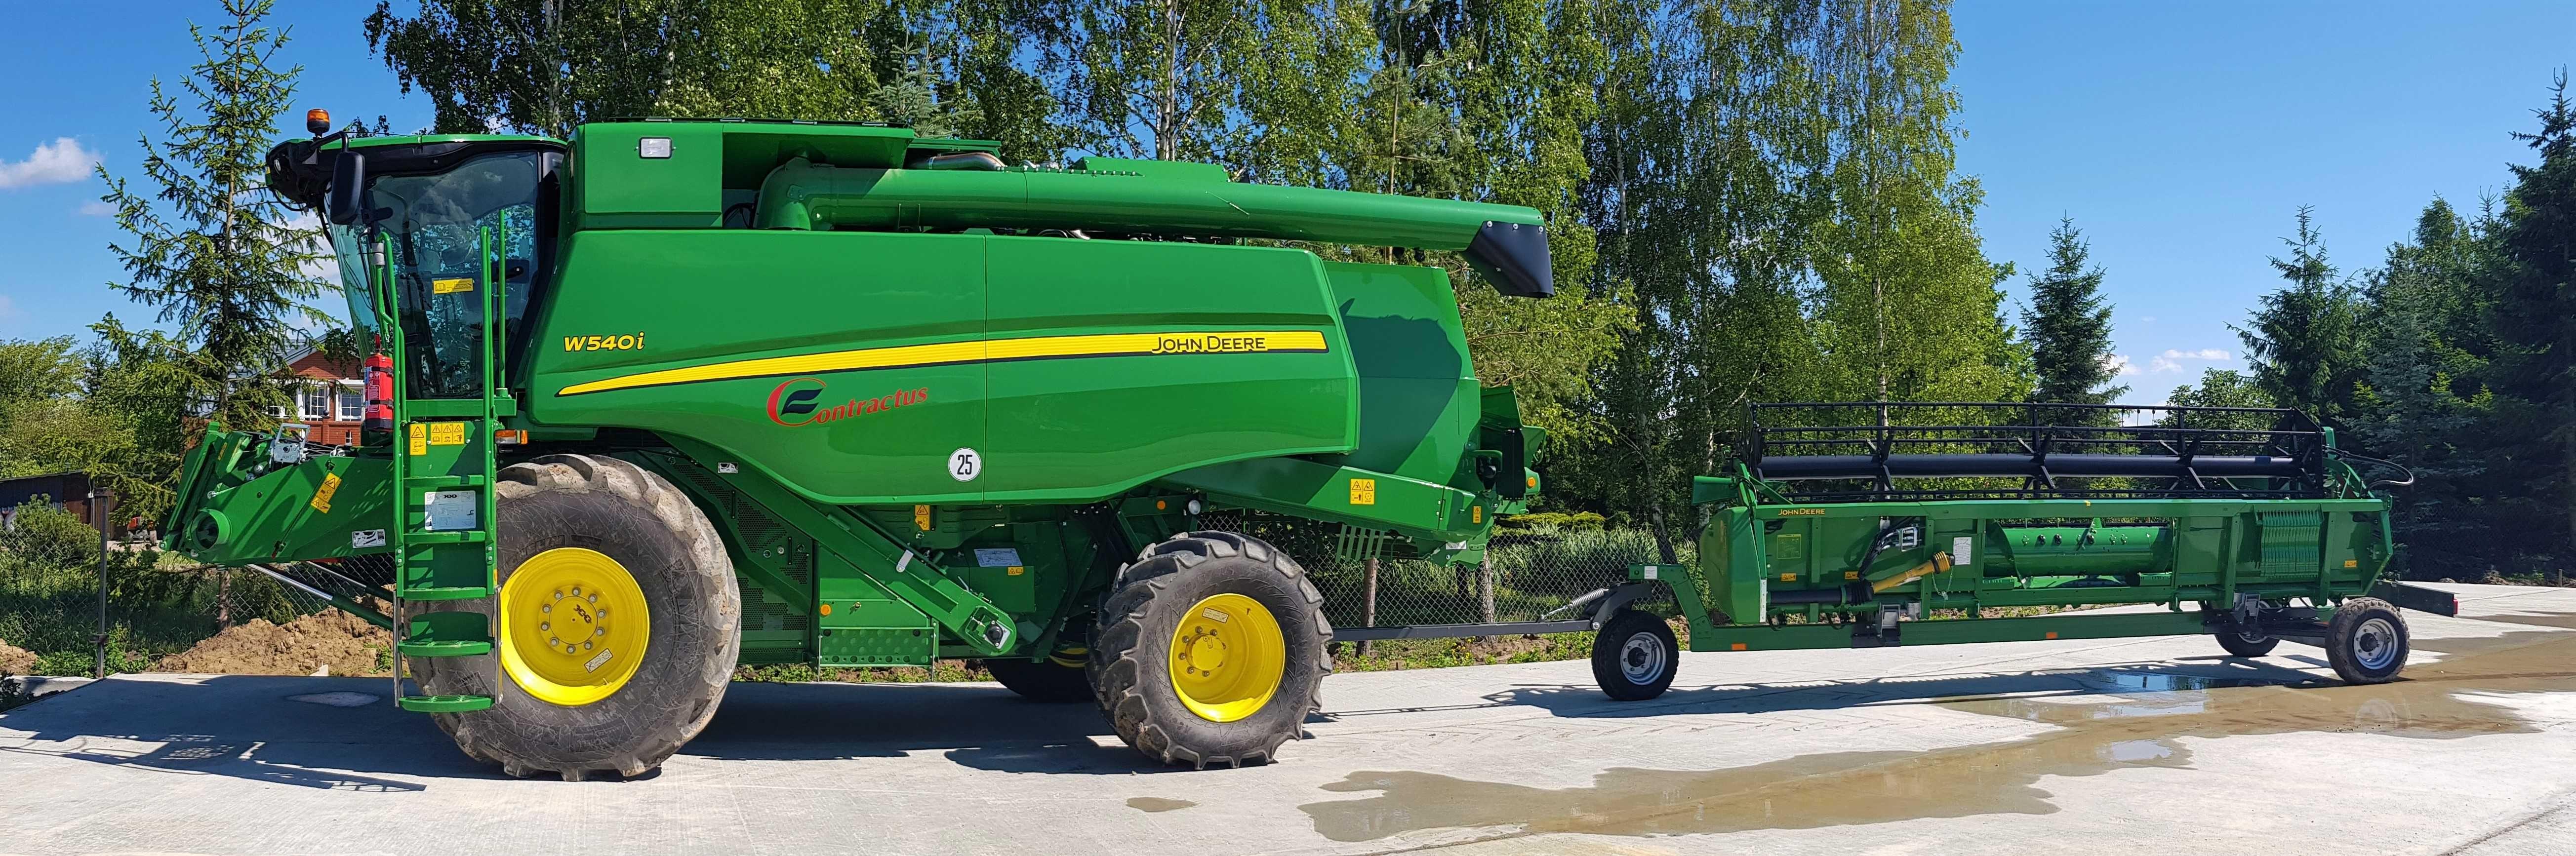 Żniwa koszenie rzepaku zbóż kukurydzy usługi kombajn